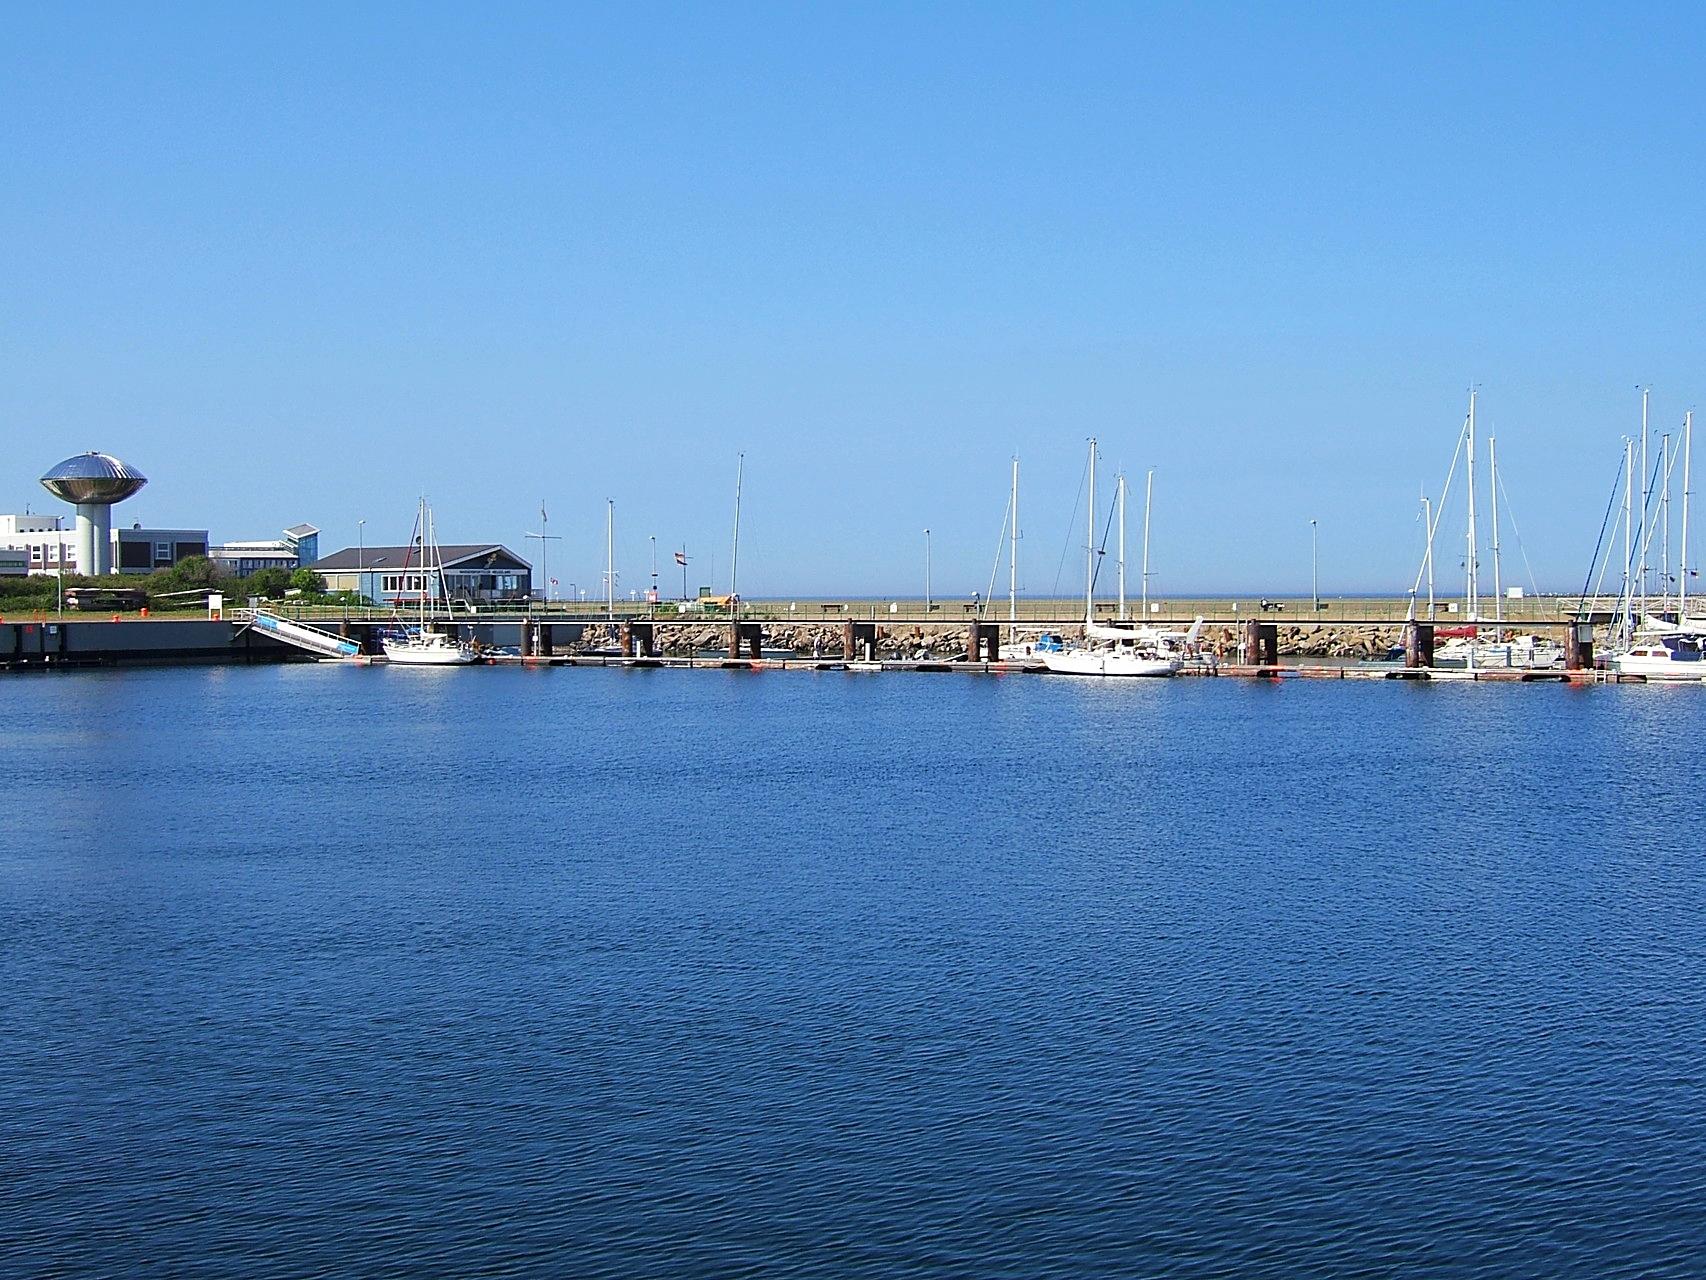 Der Yachthafen von Helgoland